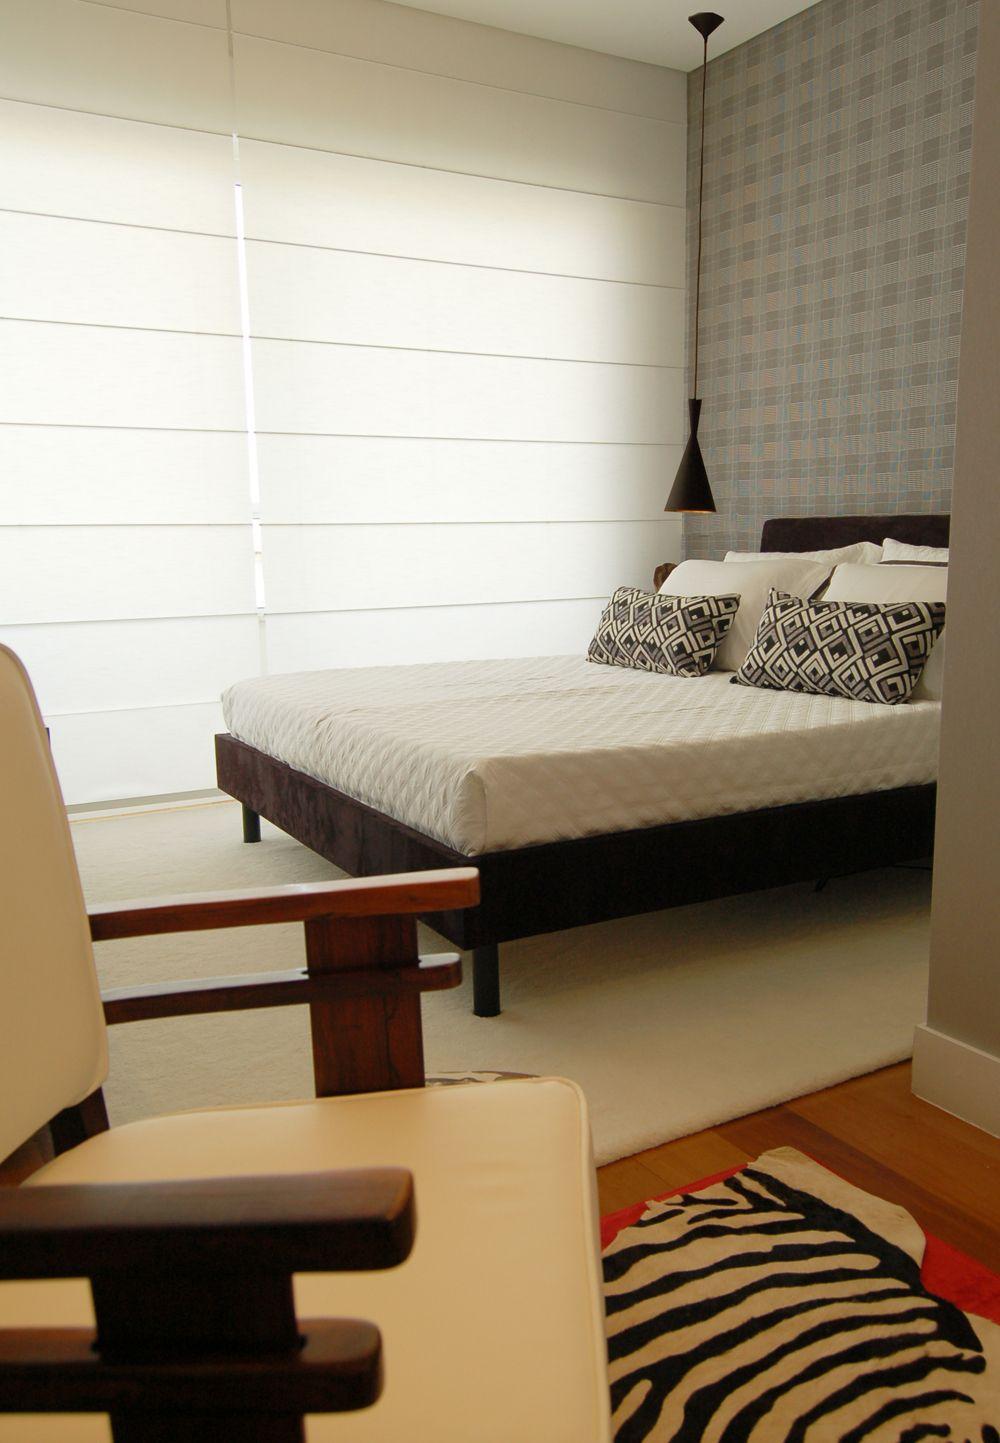 Romana Home Pinterest Decora O Interiores Dormit Rio E Moderno ~ Quarto Retro Vintage E Cor De Quarto De Casal